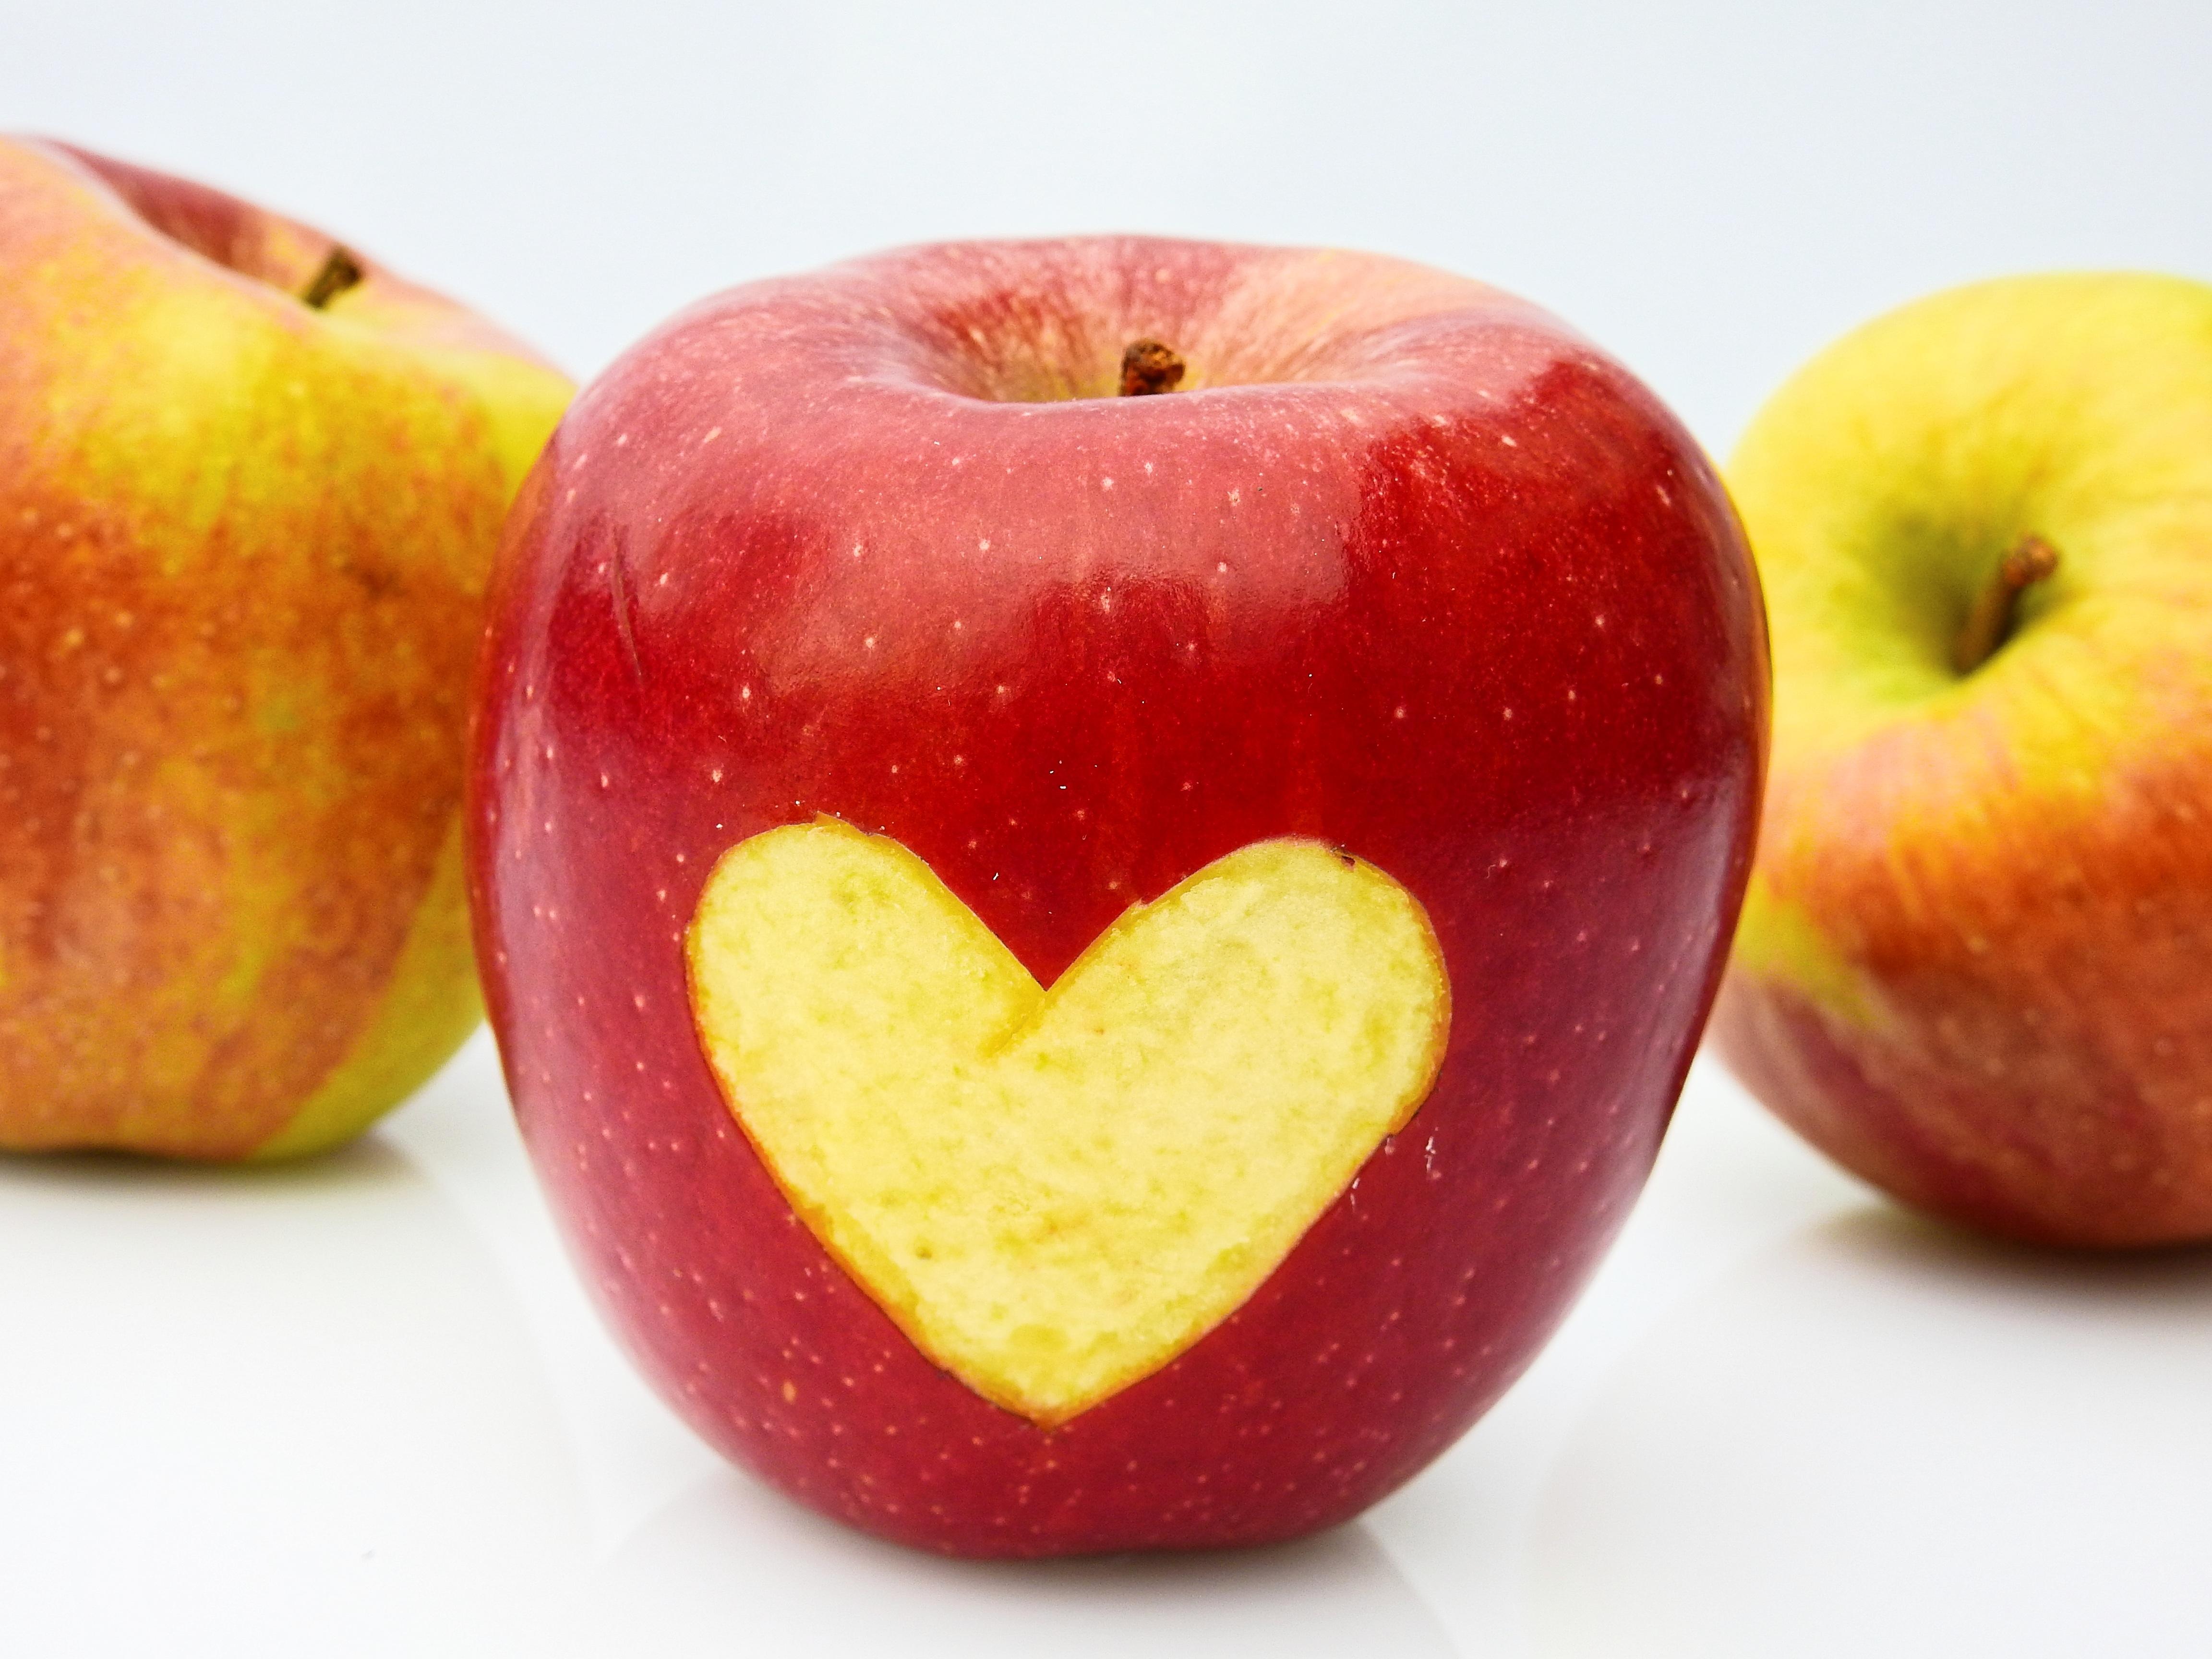 Яблоко фото картинка